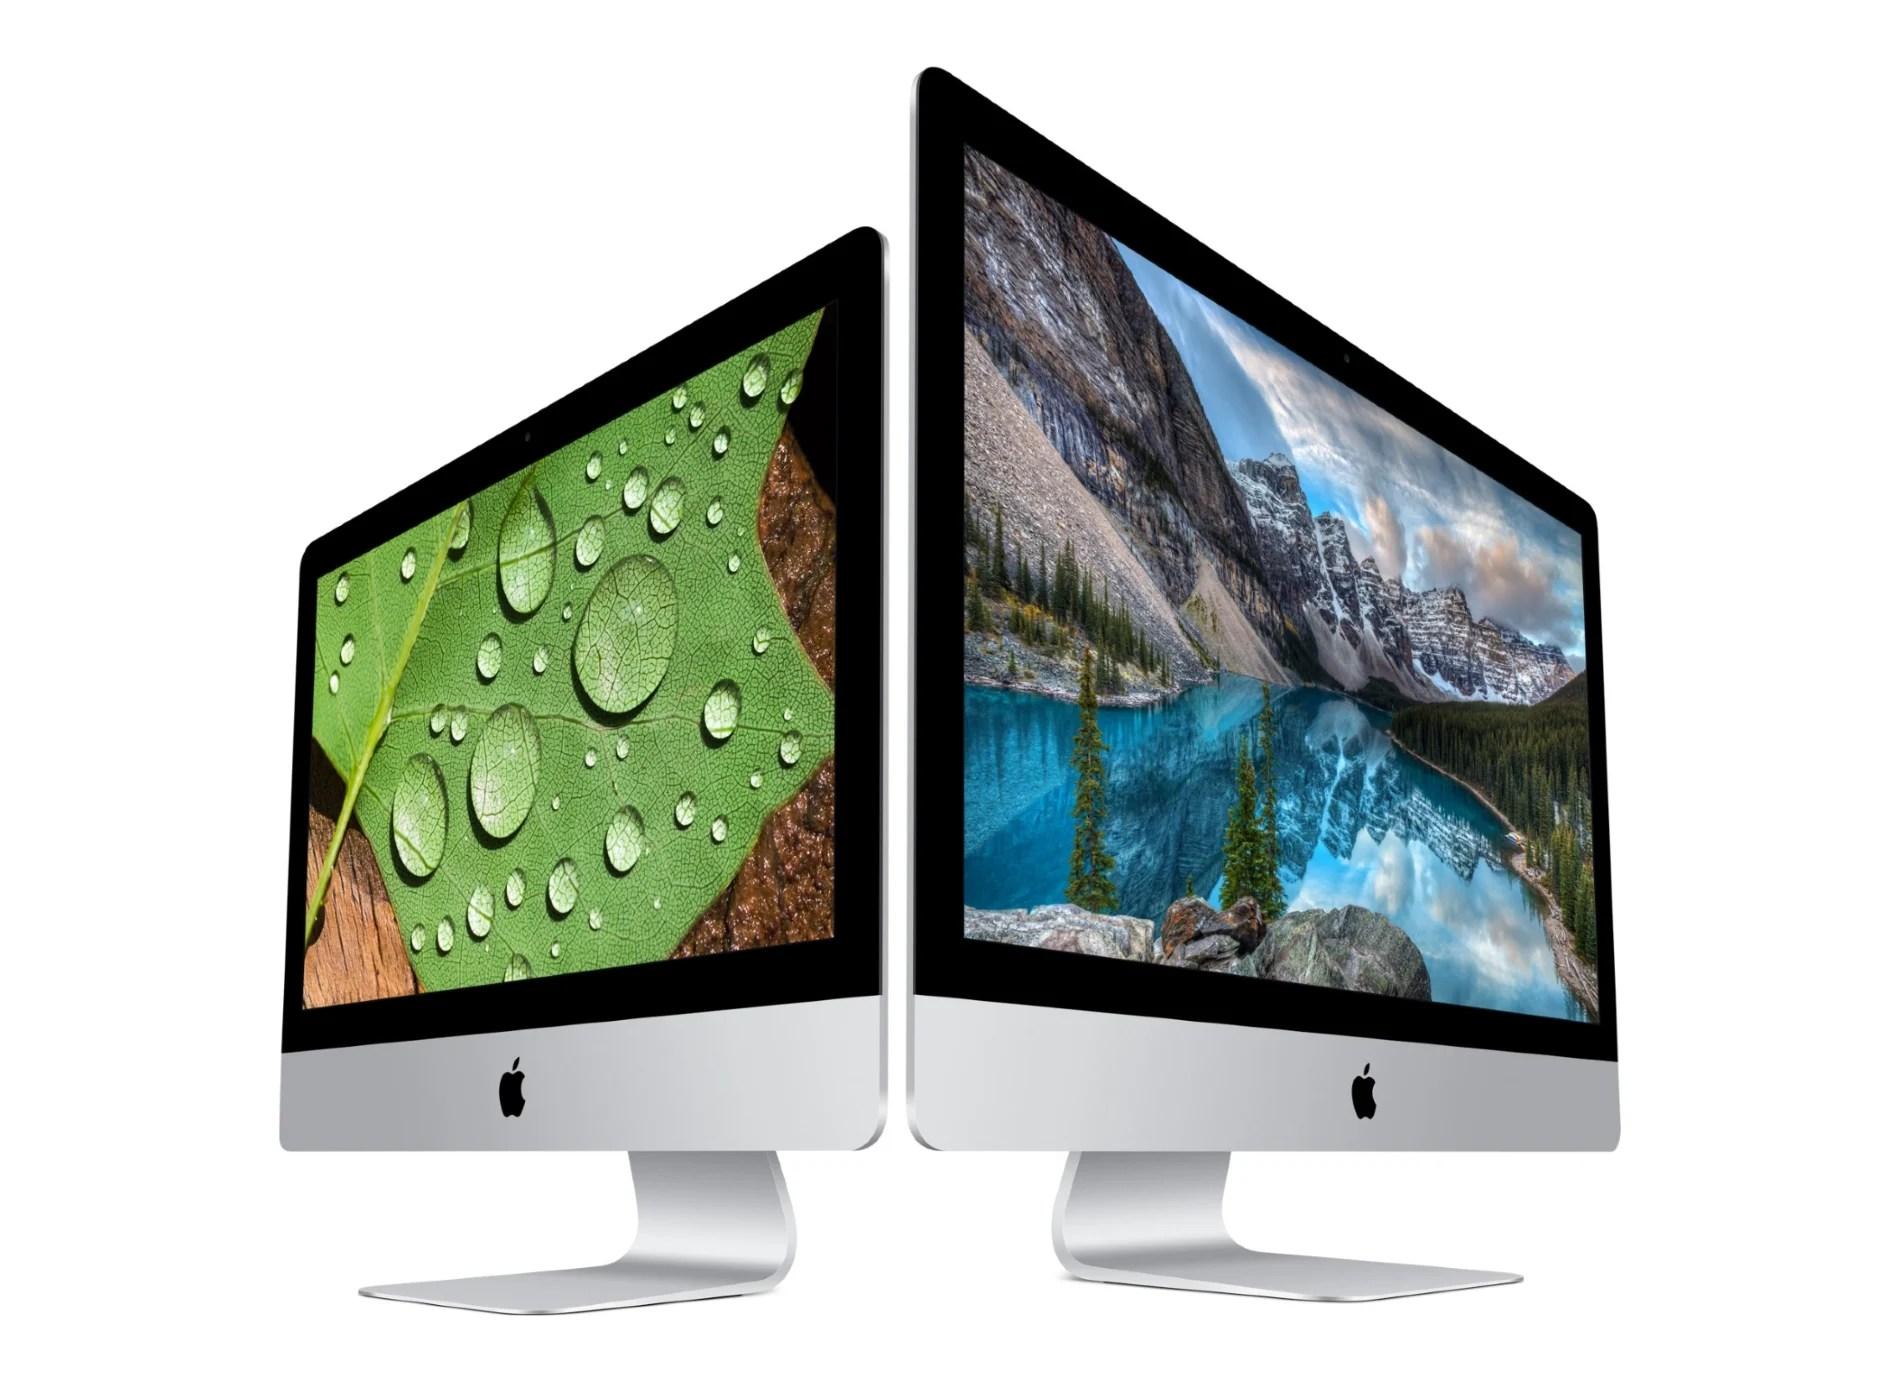 Un iMac pliable tout en verre? Les ingénieurs d'Apple y réfléchissent